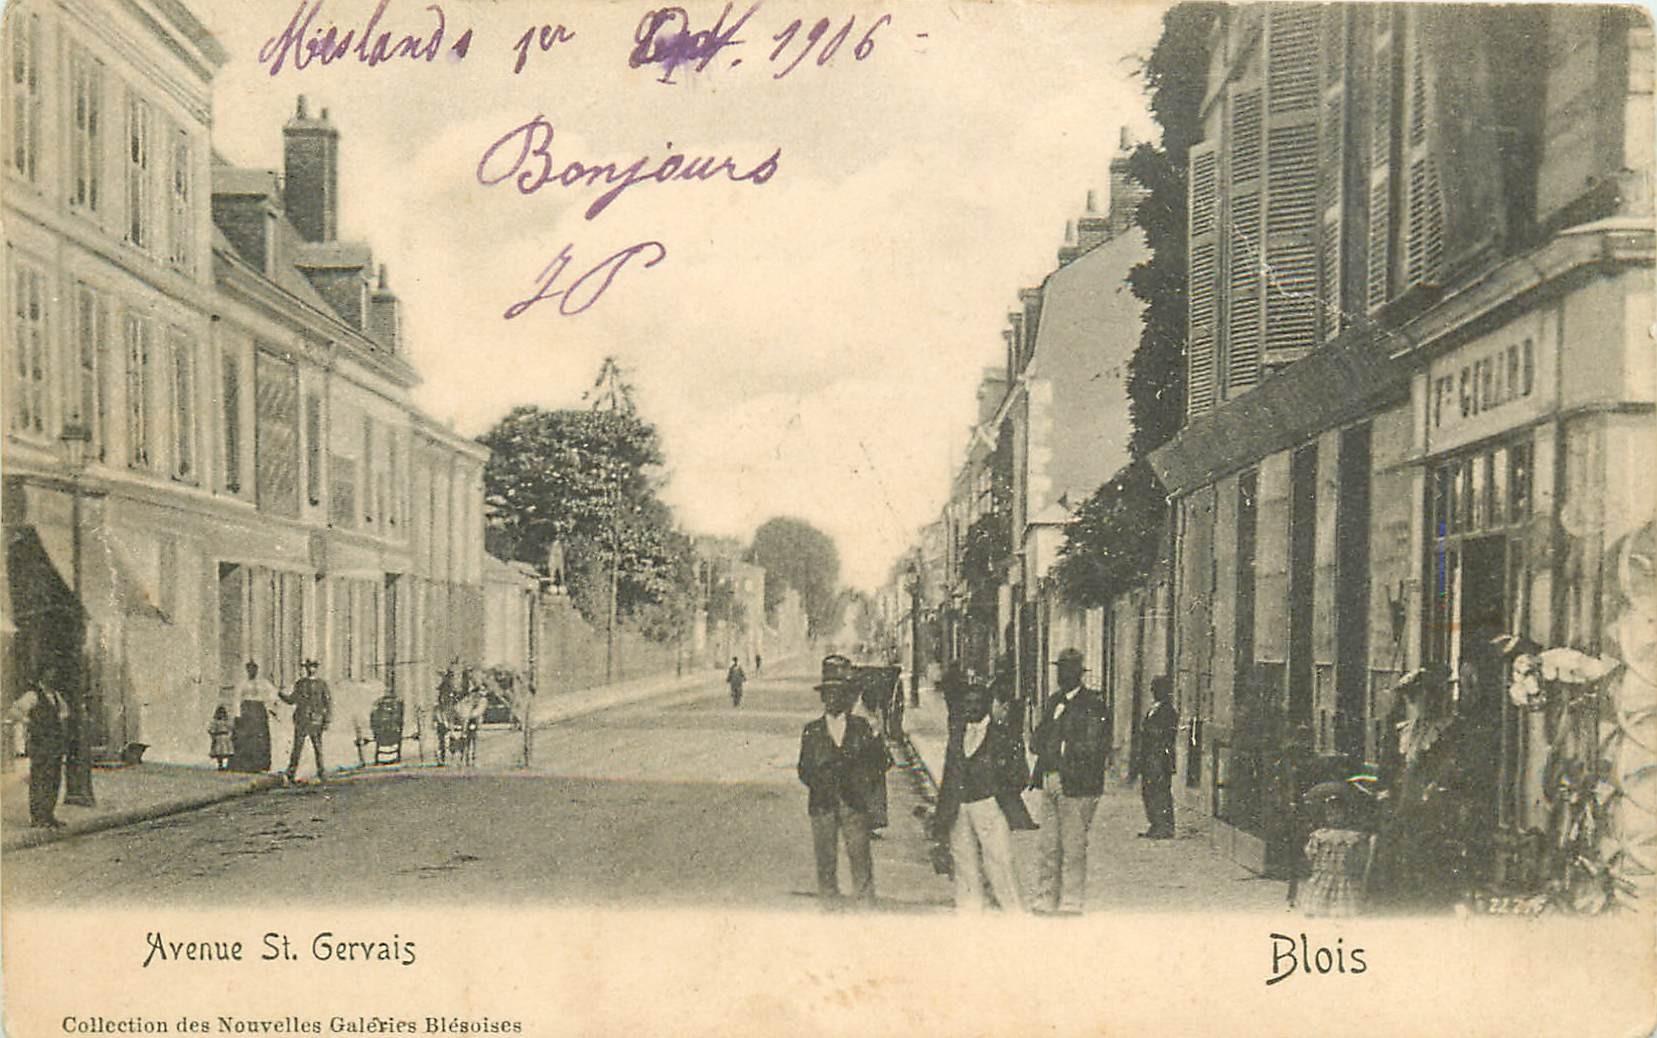 41 BLOIS. Commerce Girard Avenue Saint-Gervais 1904